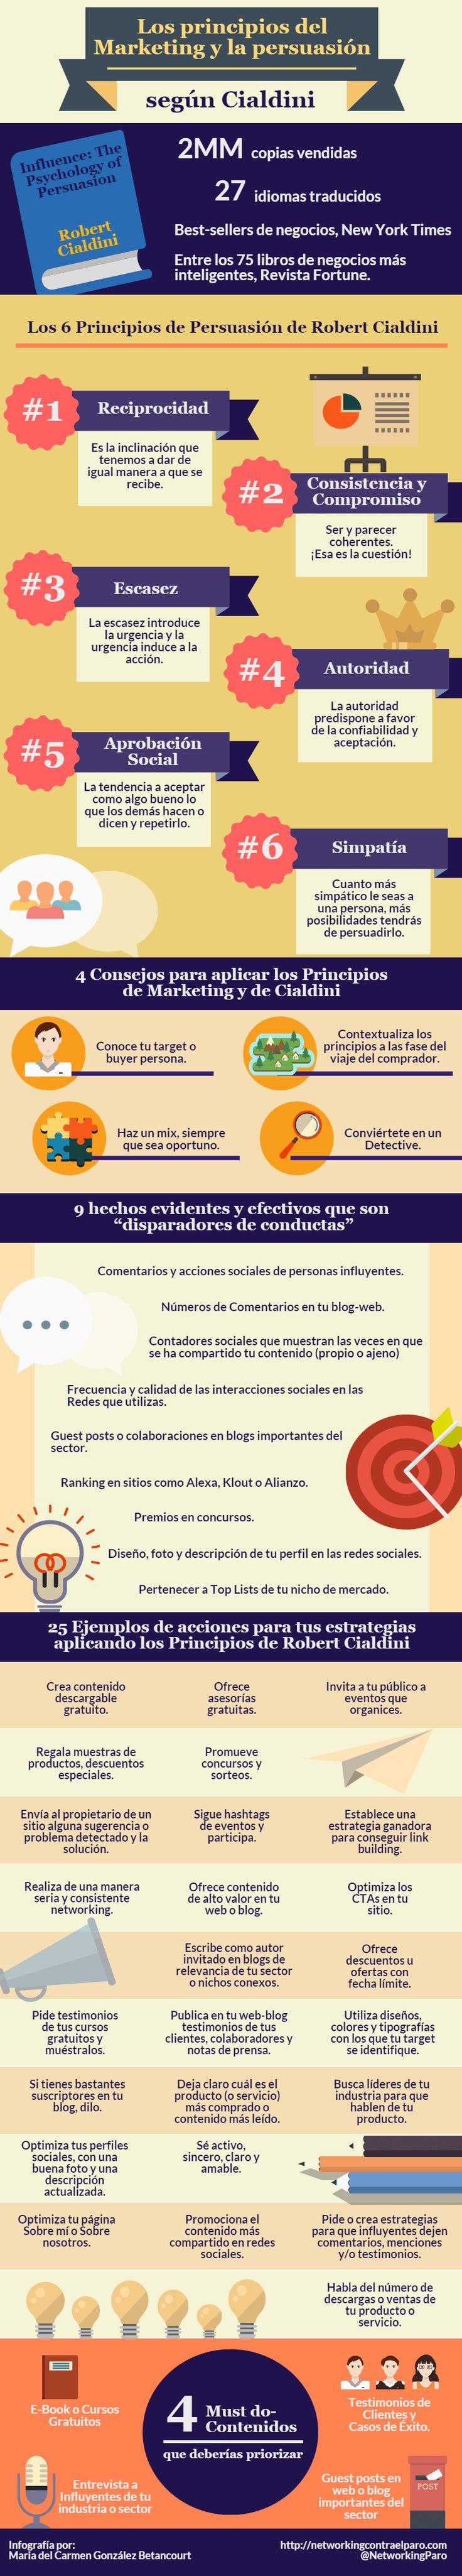 #Persuasión #Marketing #Venta #Mercado